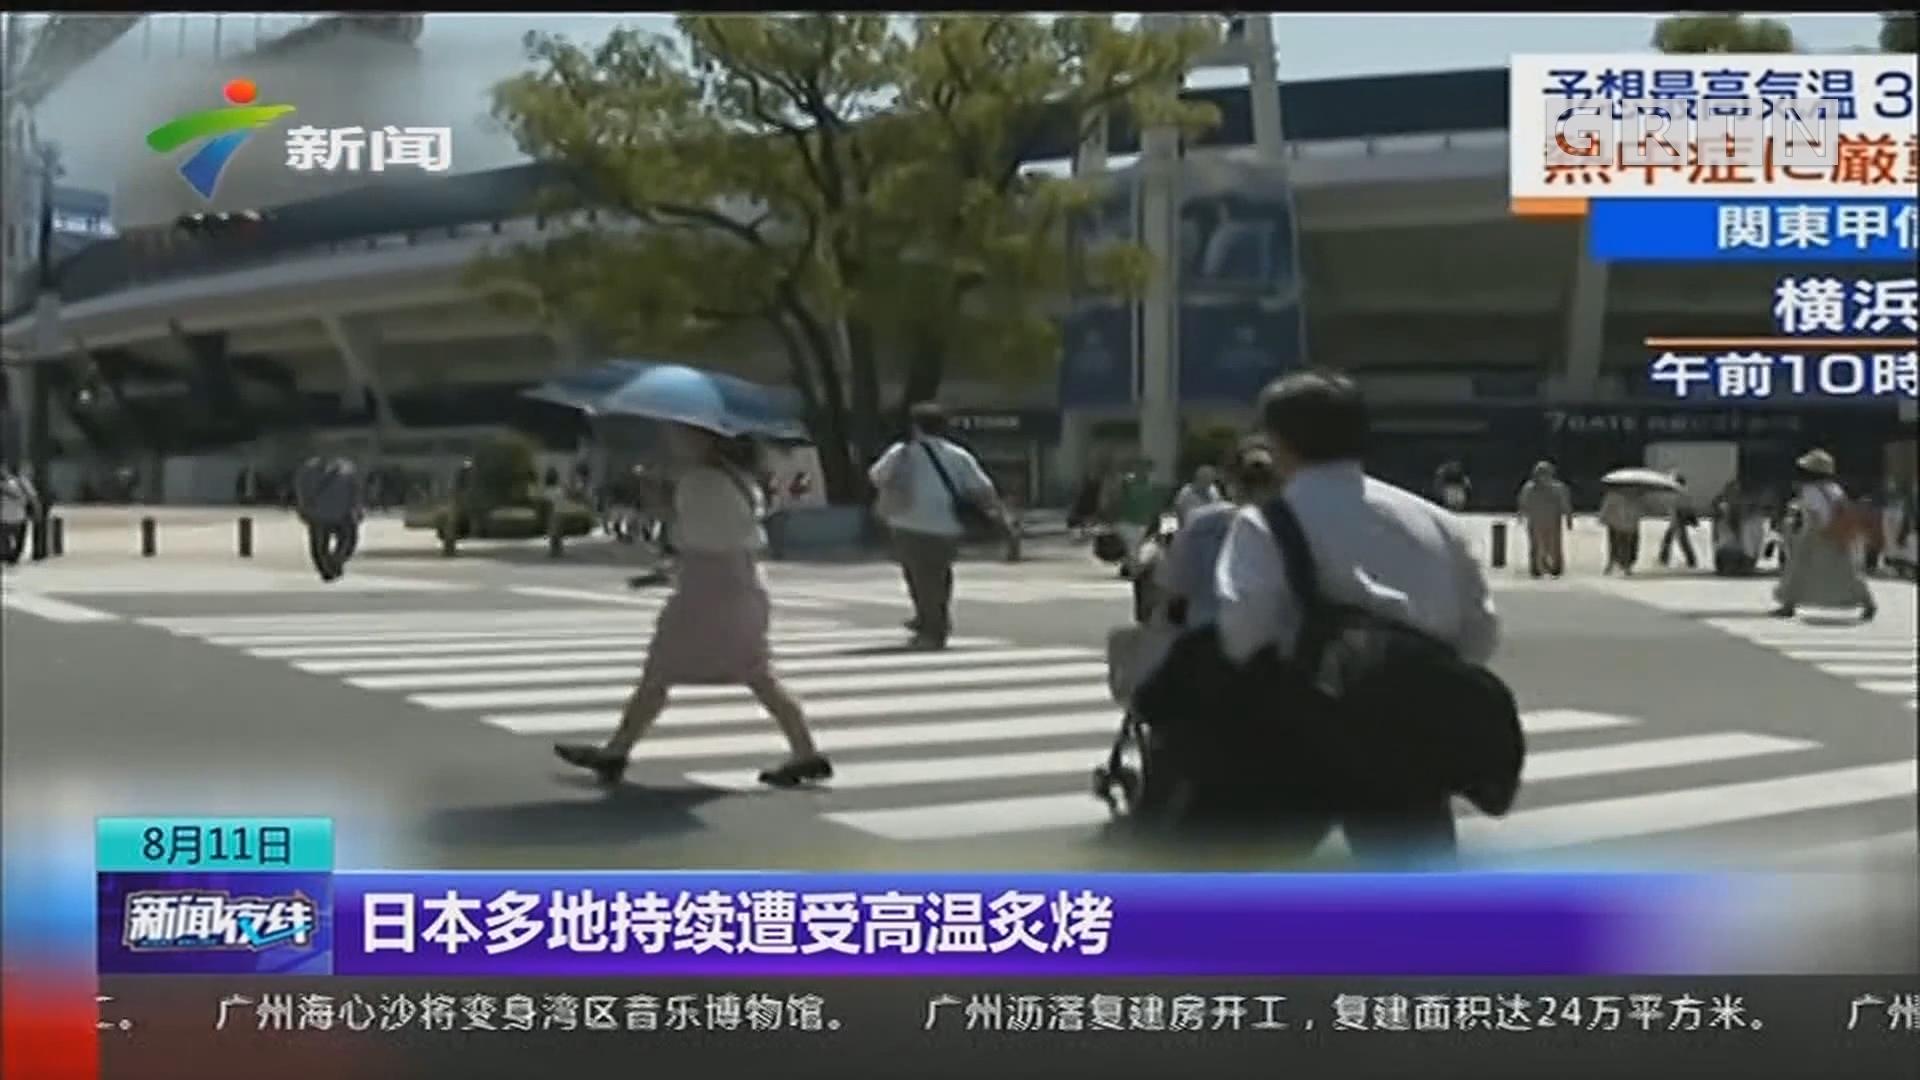 日本多地持续遭受高温炙烤